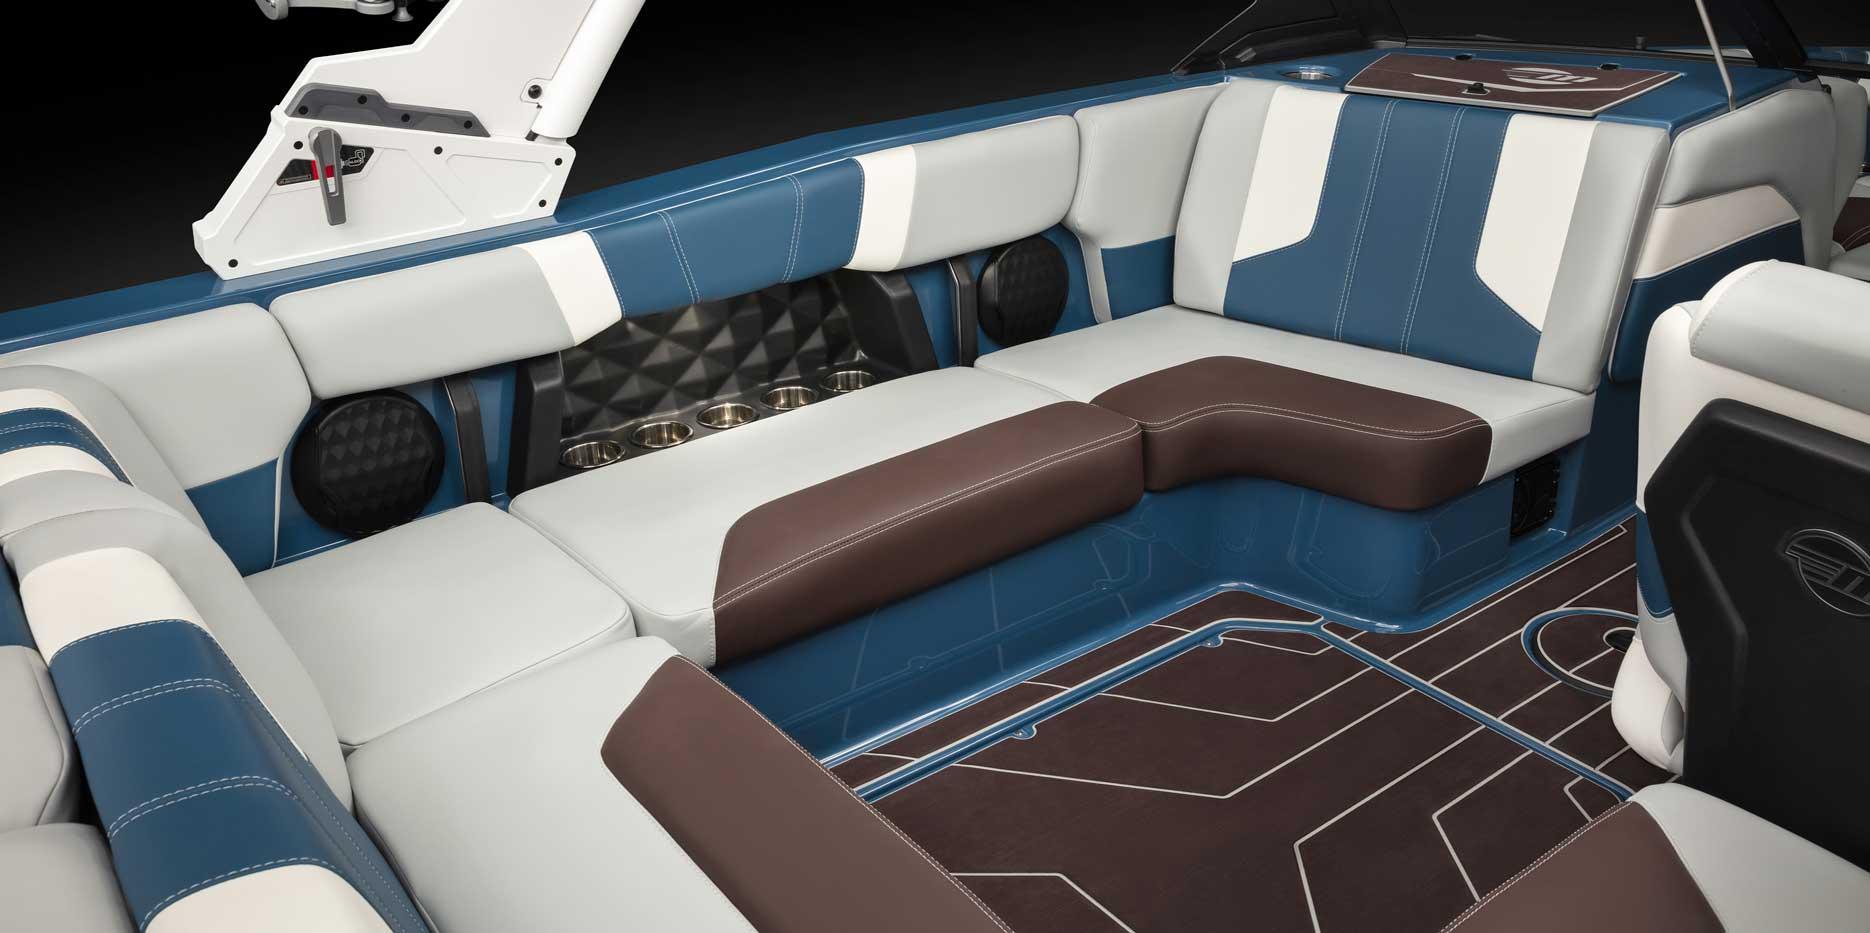 2022 Malibu Boats Wakesetter 21 LX Lounge